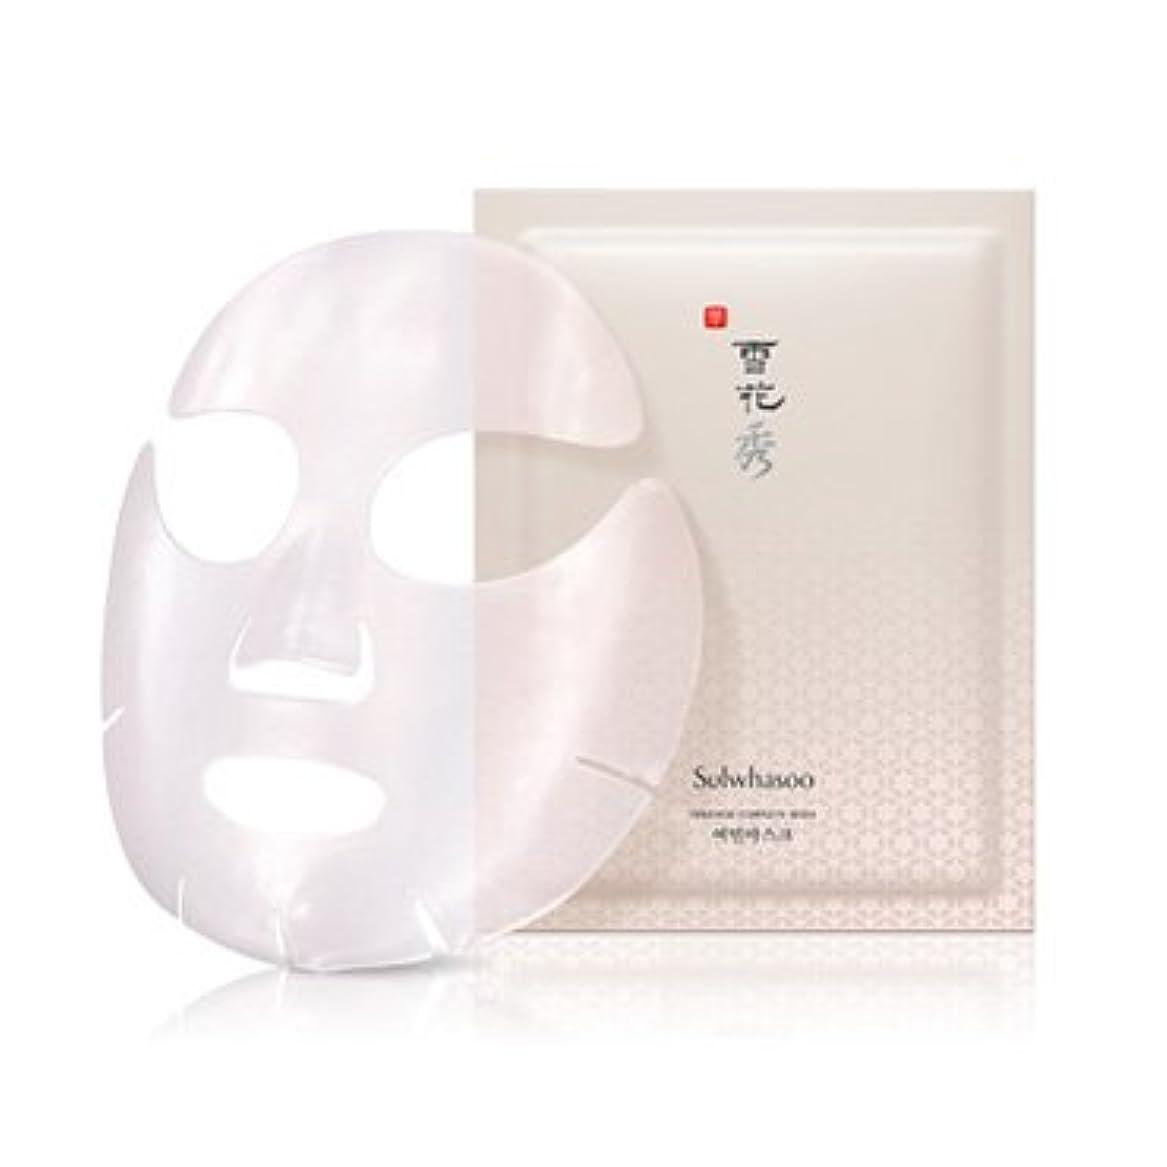 時刻表セールサドル雪花秀(ソルファス)ヨミンマスク(Innerise Complete Mask)5枚入